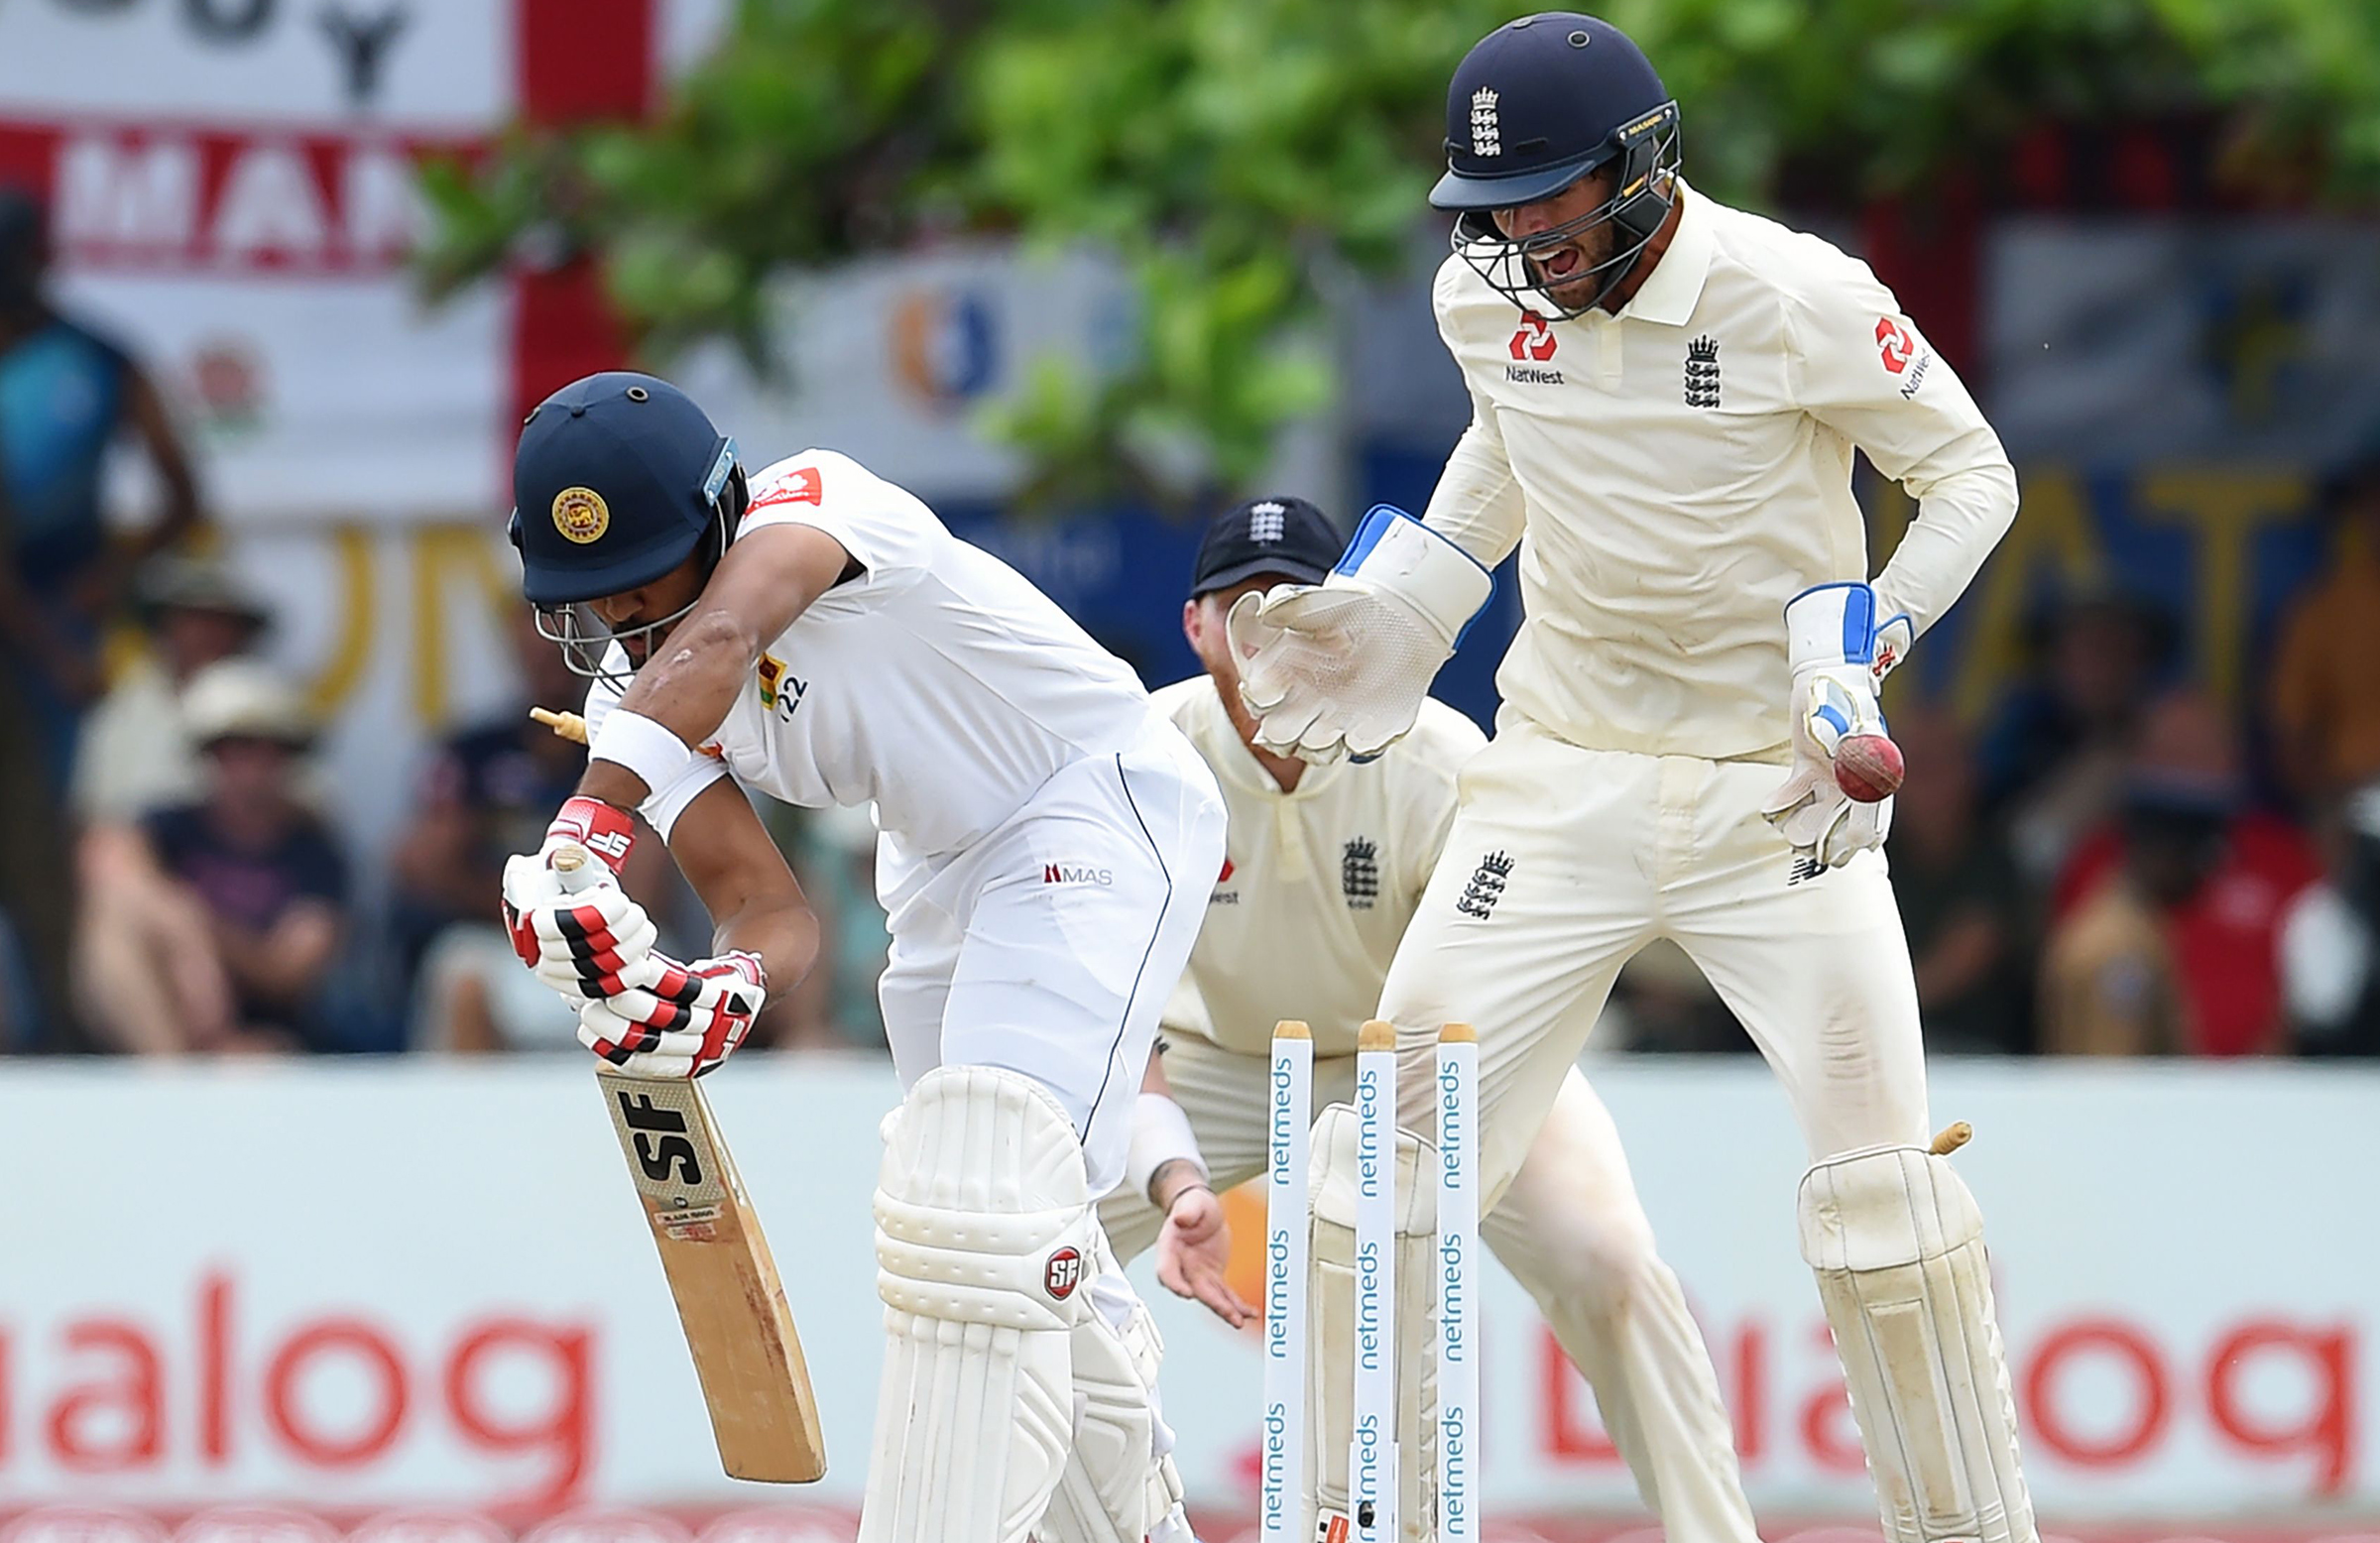 Chandimal was bowled by Leach // Getty